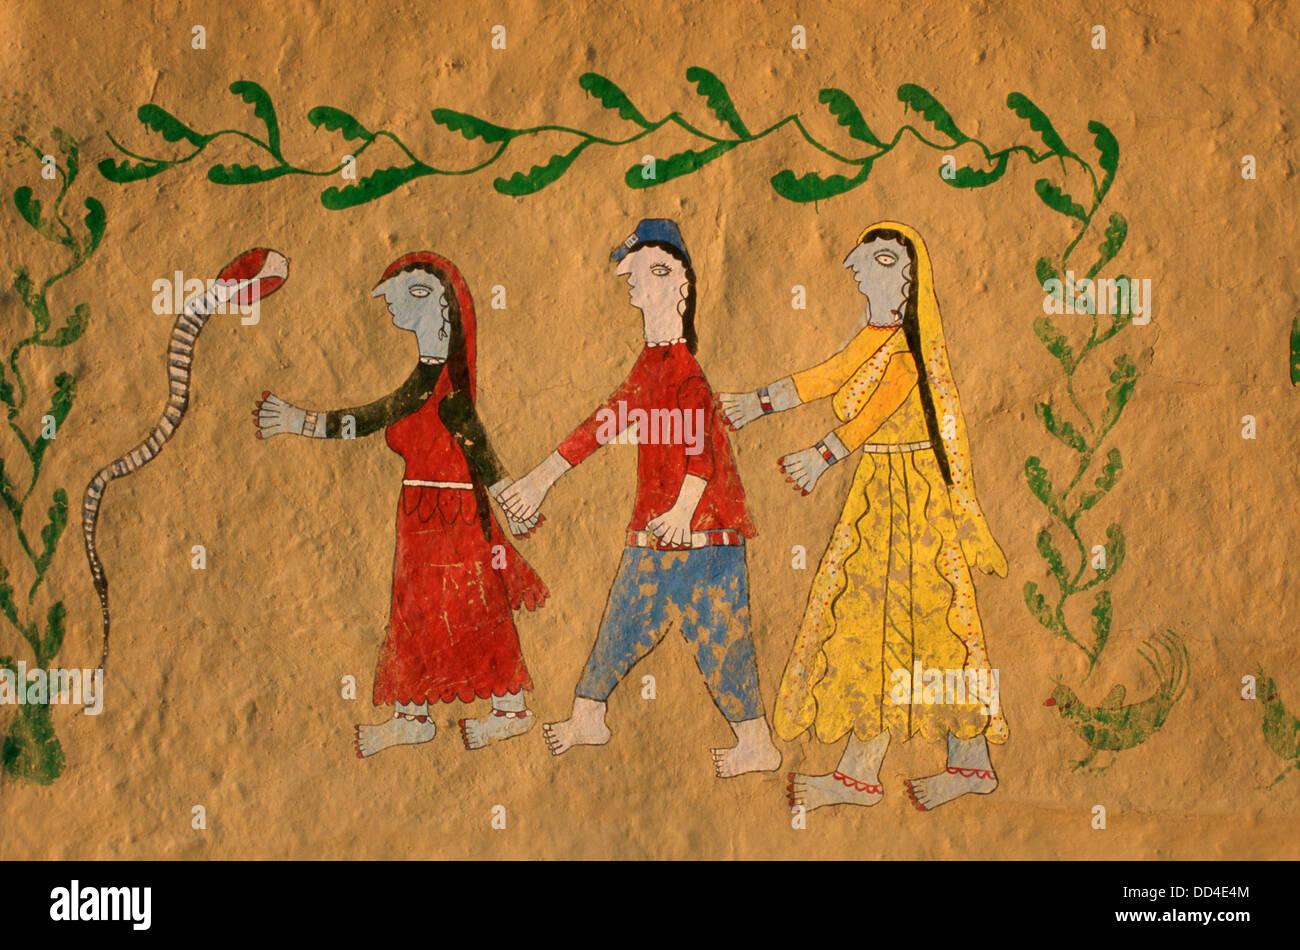 La Peinture Murale Traditionnelle Sur Le Mur Extérieur D Une